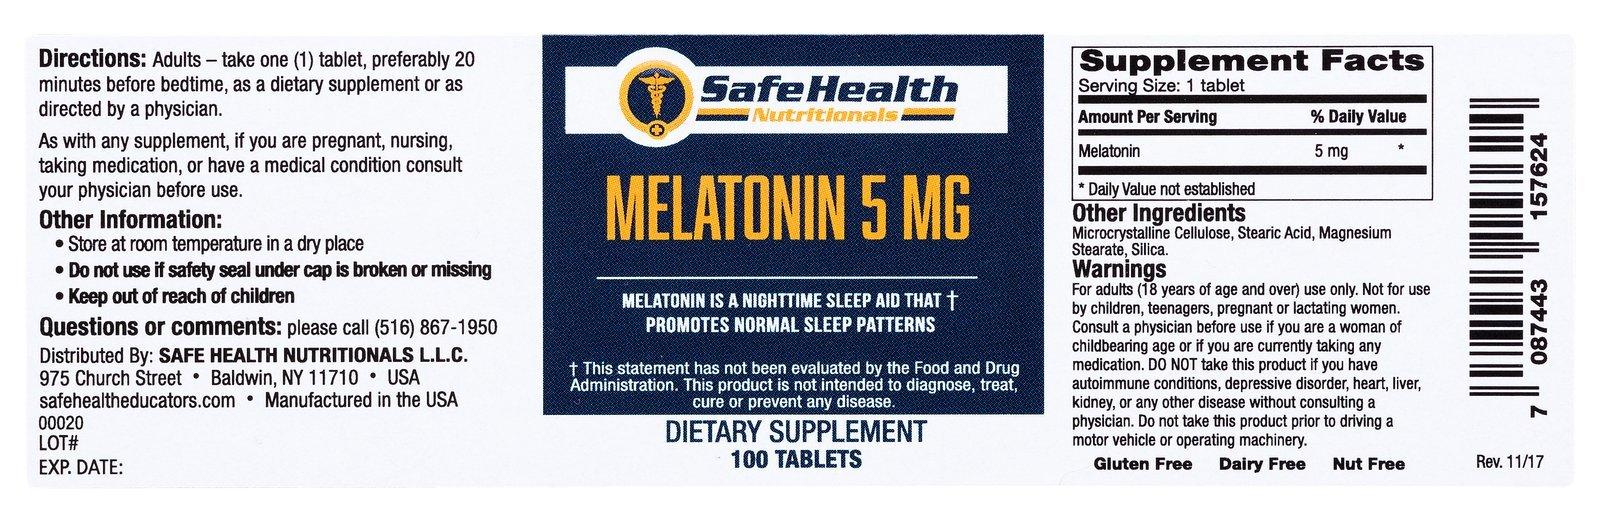 Safe Health Nutritionals Melatonin 5mg Tablet by Safe Health Nutritionals (Image #4)